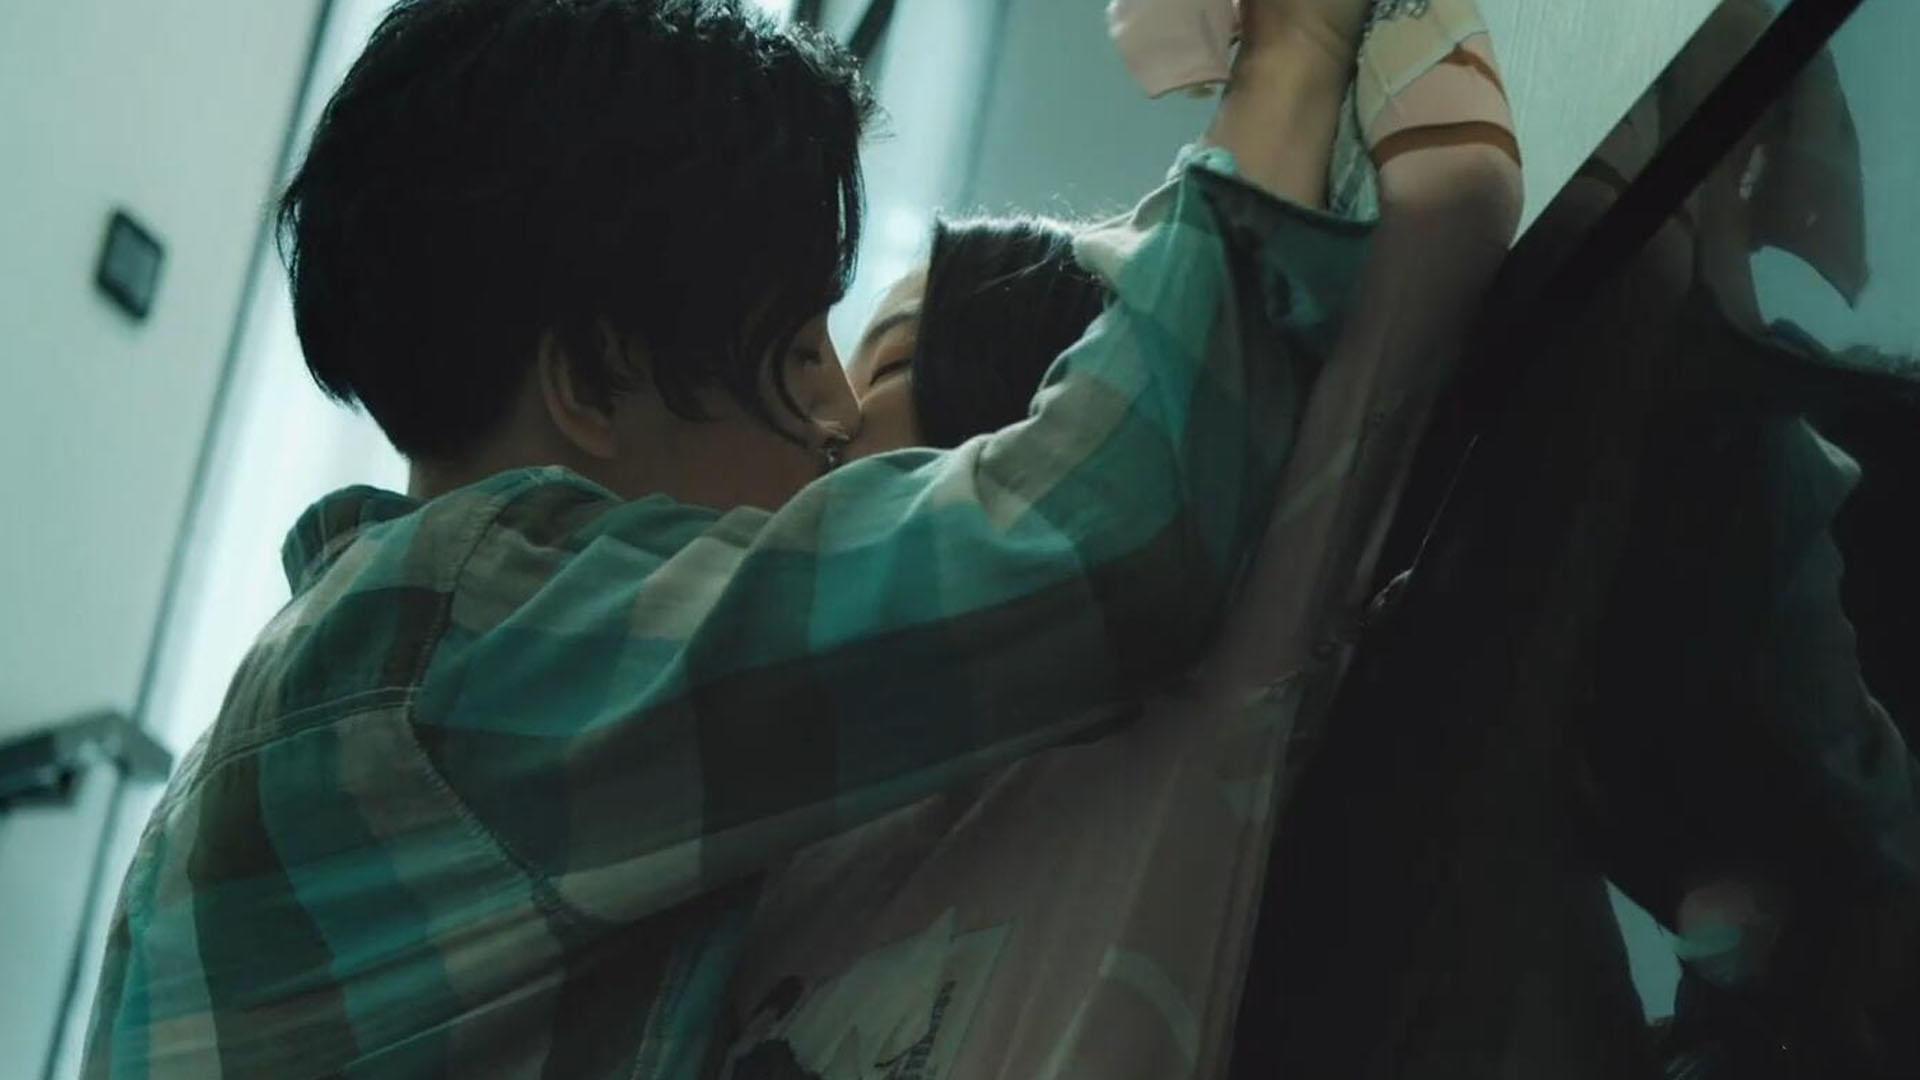 #电影最前线#陈晓杜鹃同床异梦,年度催泪爱情片《如影随心》解答爱情谜题